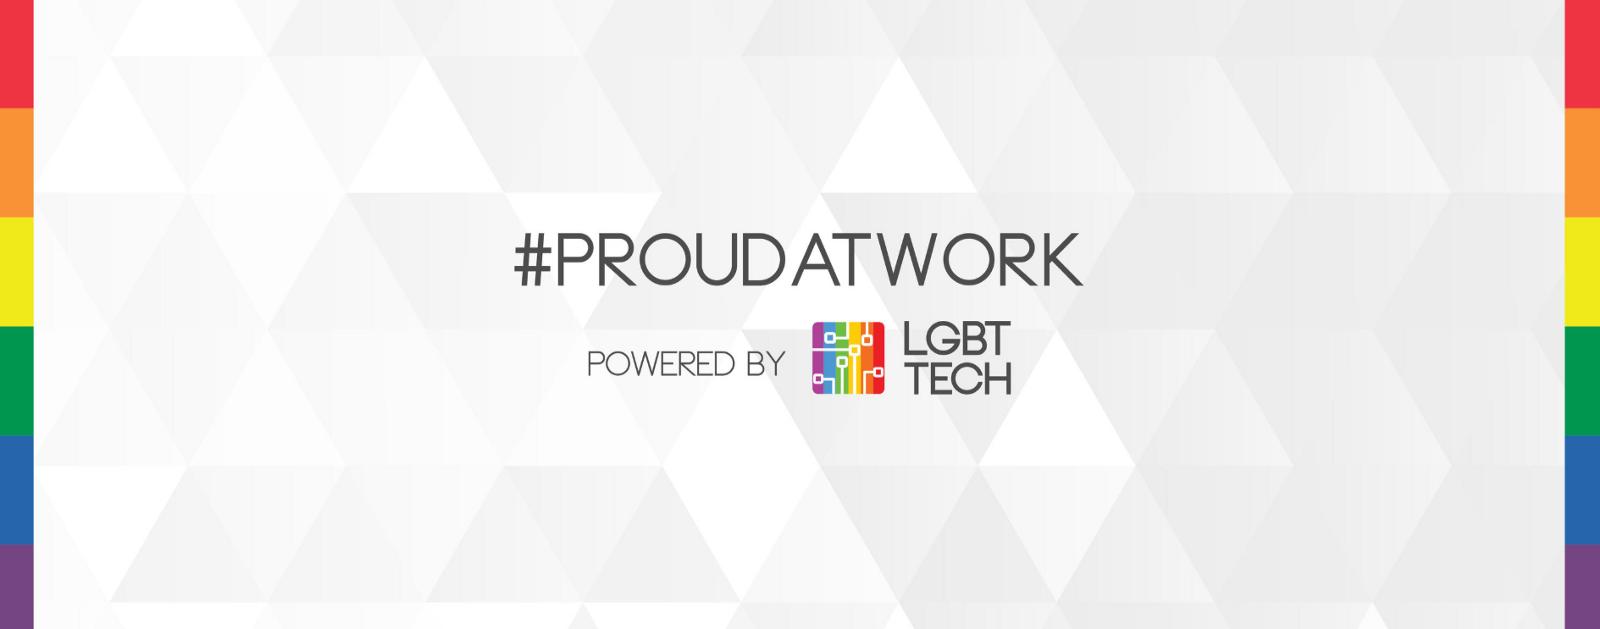 Metade dos profissionais brasileiros LGBT+ já assumiu abertamente sua orientação sexual no trabalho, 22% ainda o teme fazer por represálias